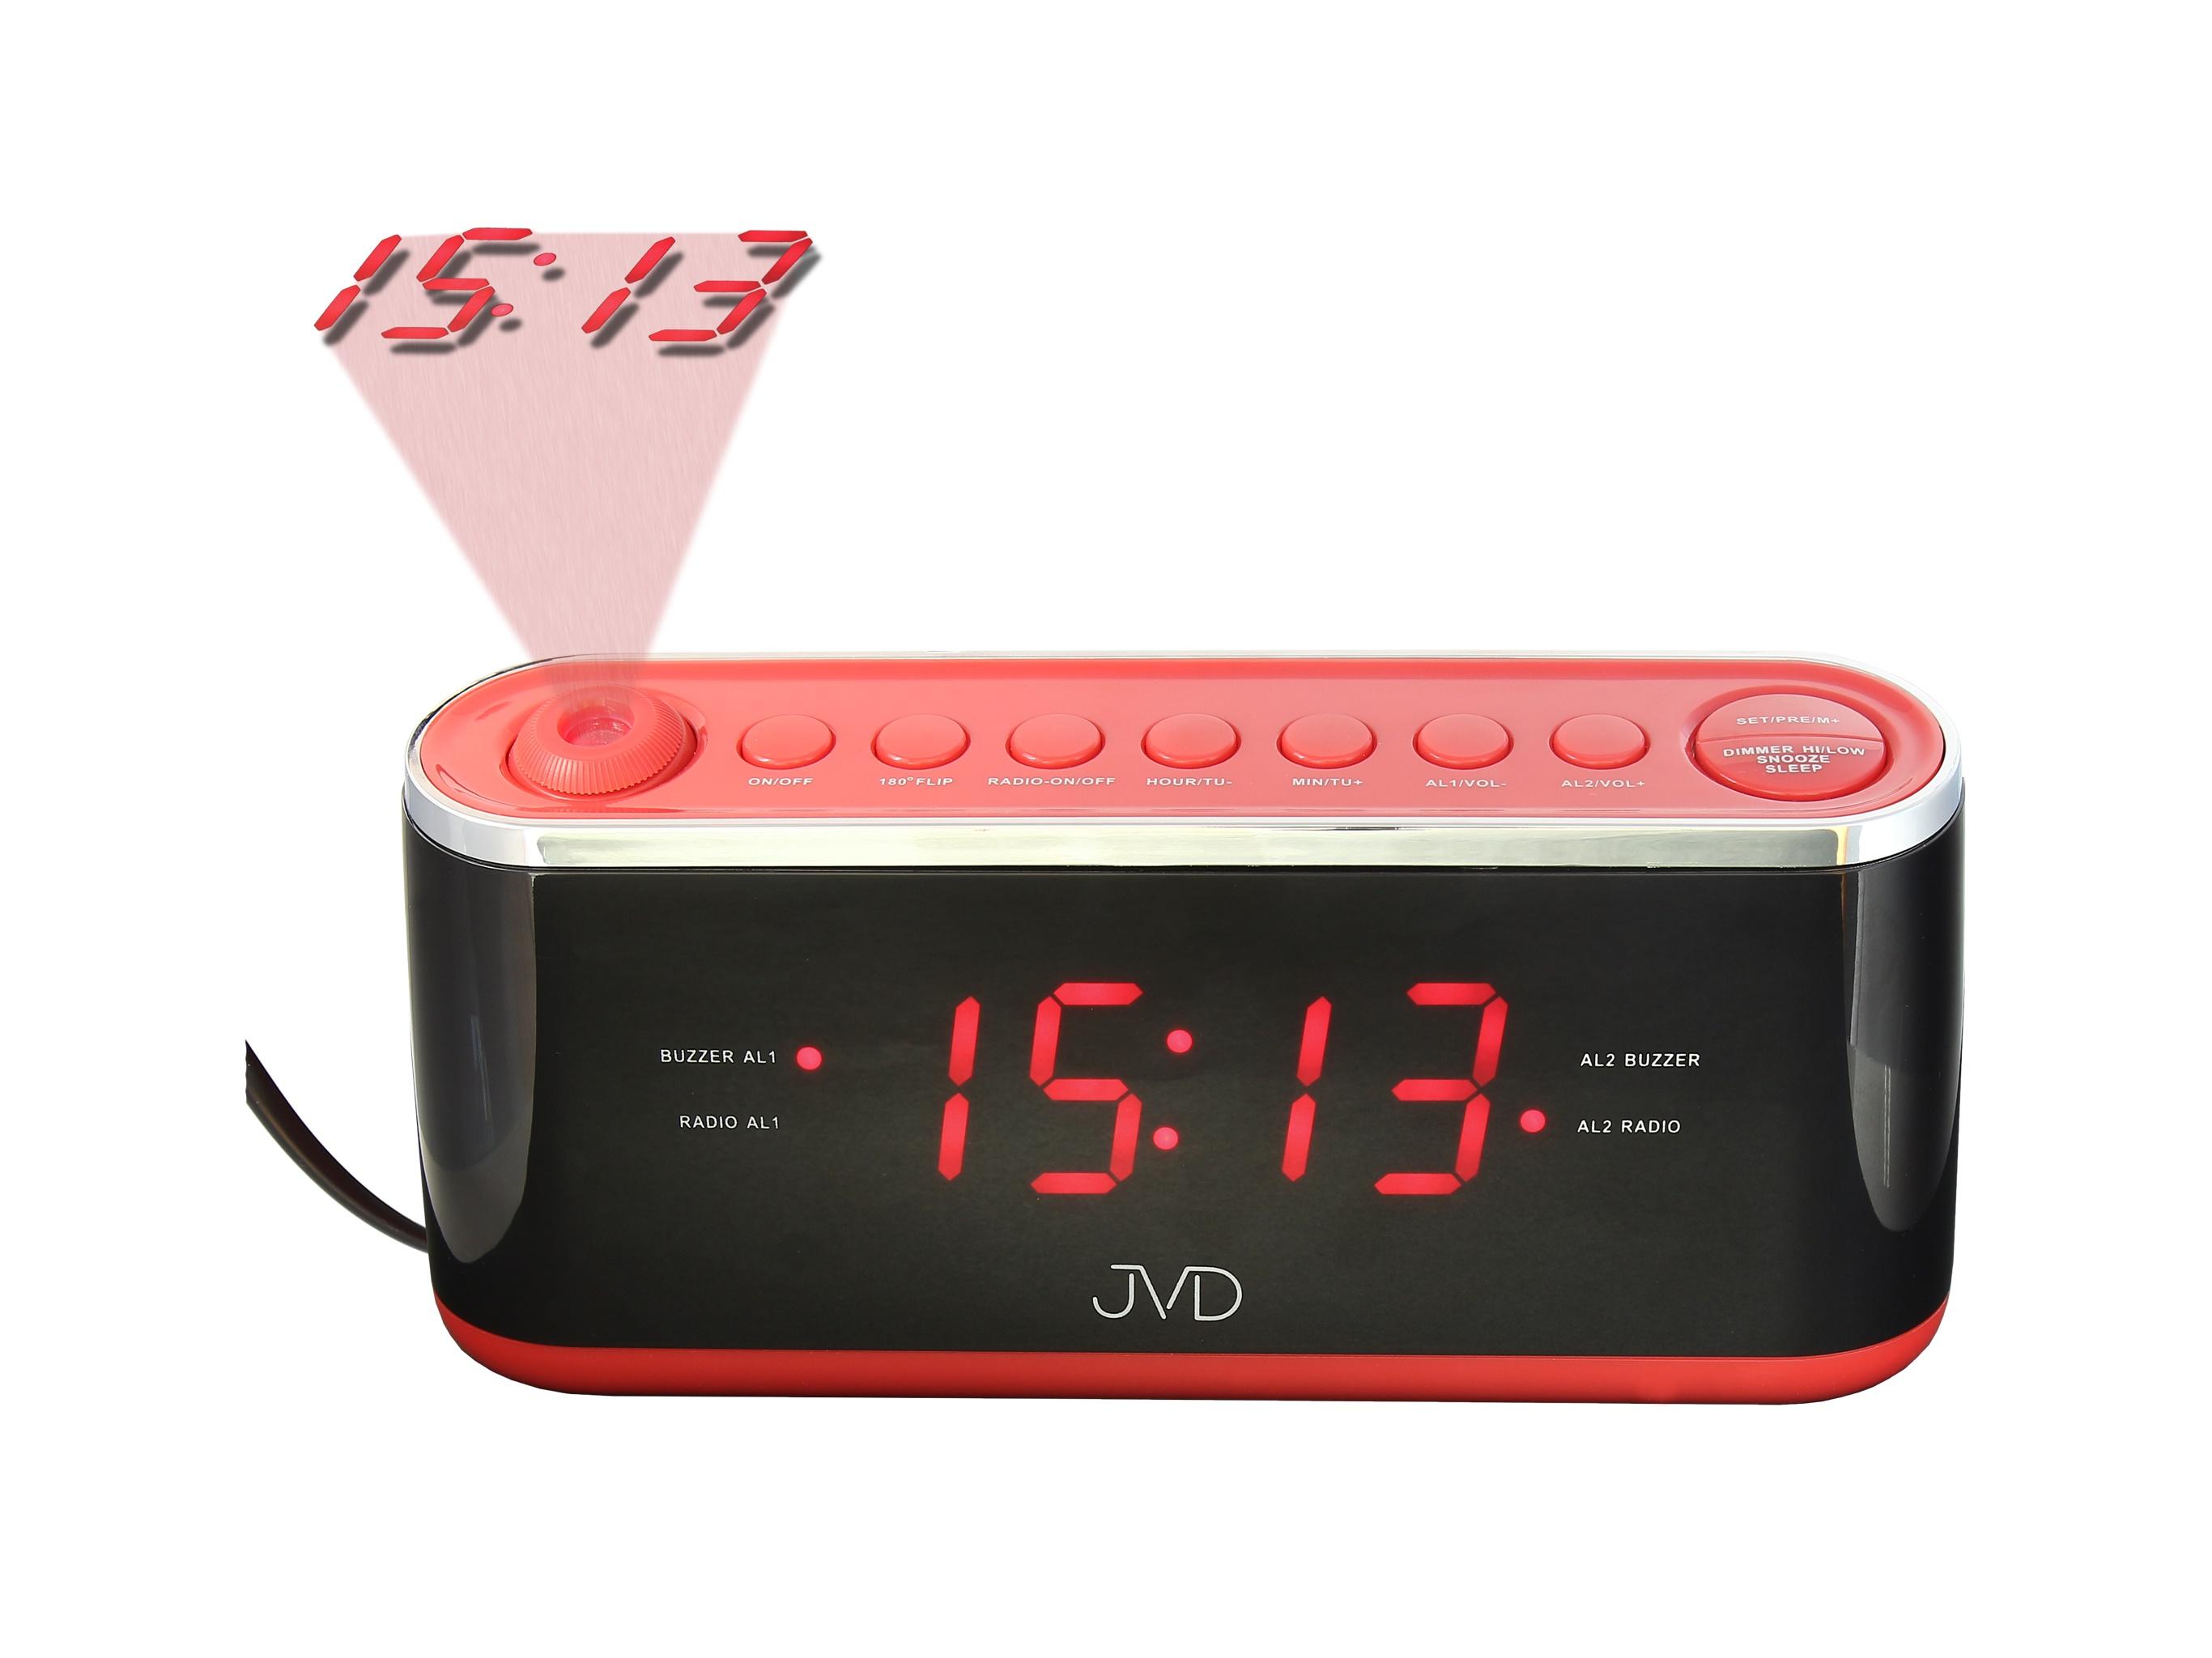 Červený digitální budík do sítě JVD SB97.1 s projektorem času a teploty (POŠTOVNÉ ZDARMA!! - červený)